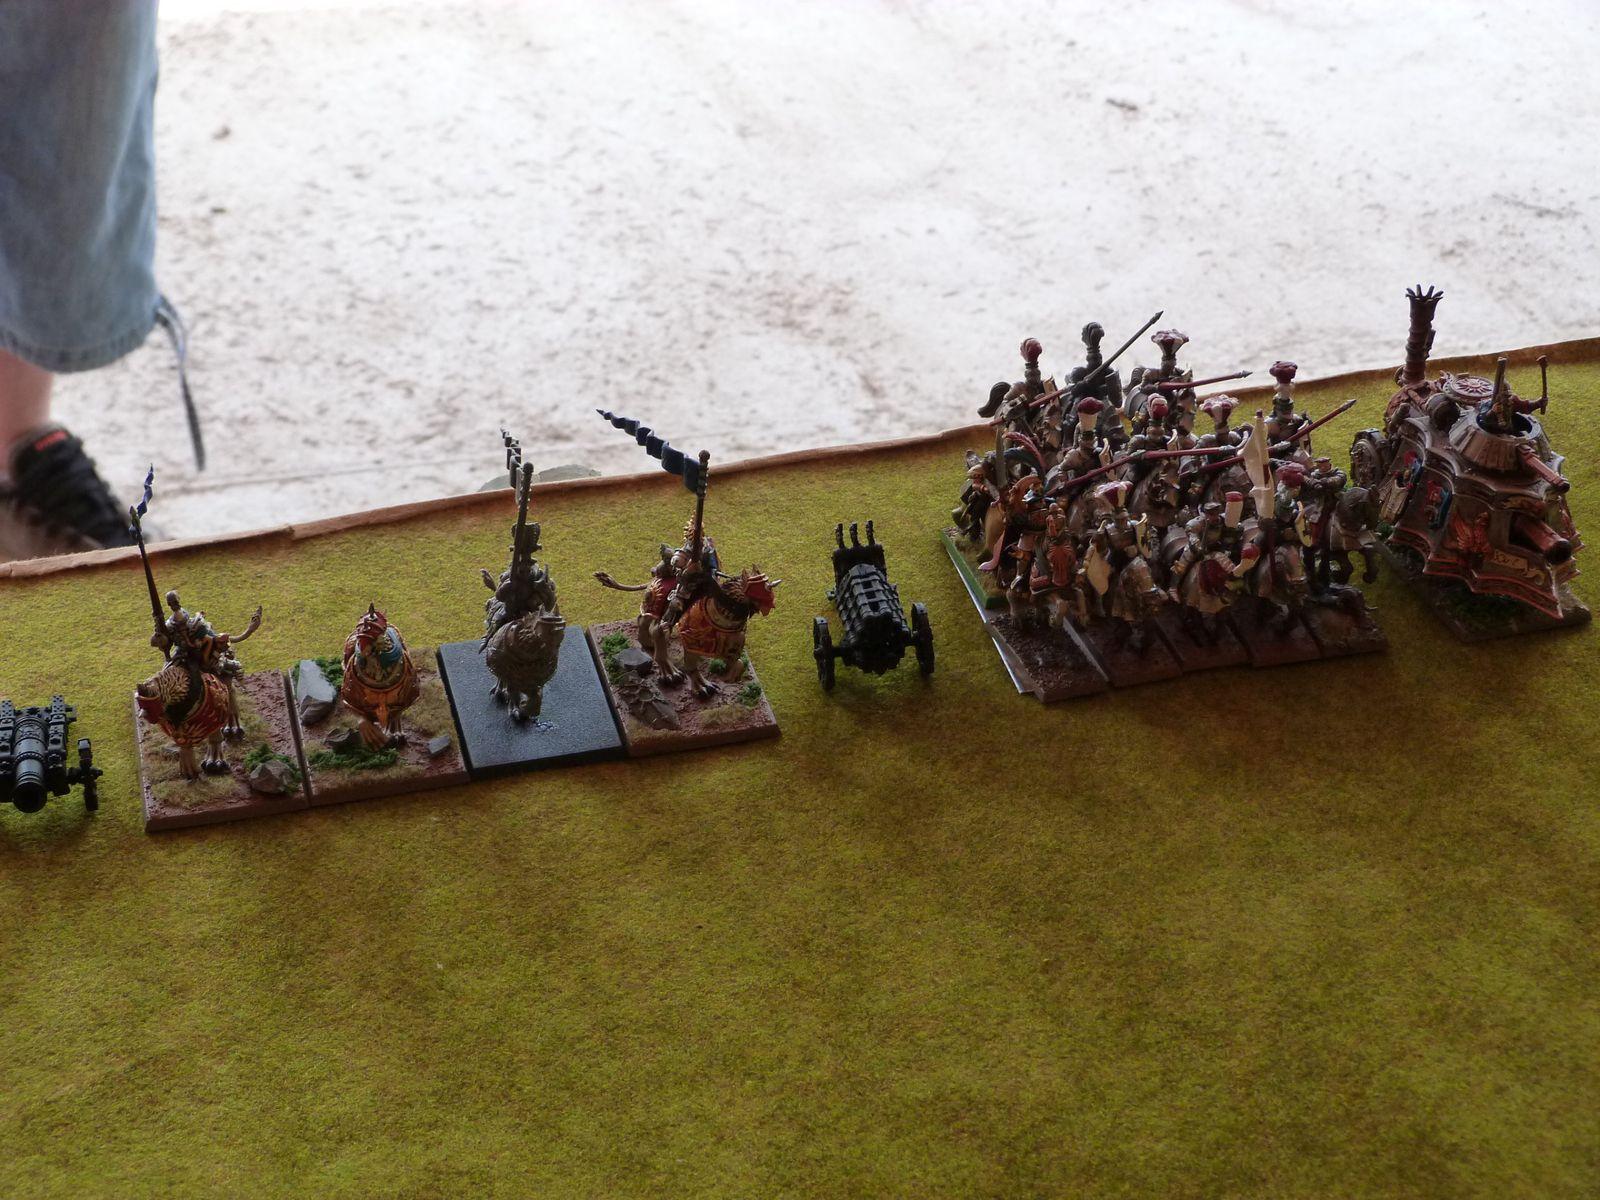 ... Un canon, une autre unité de 4 chevaliers demi-griffon, un feu d'enfer, 10 chevaliers du cercle intérieur avec le sorcier de niveau 4, le général et un prêtre guerrier et un tank à vapeur !